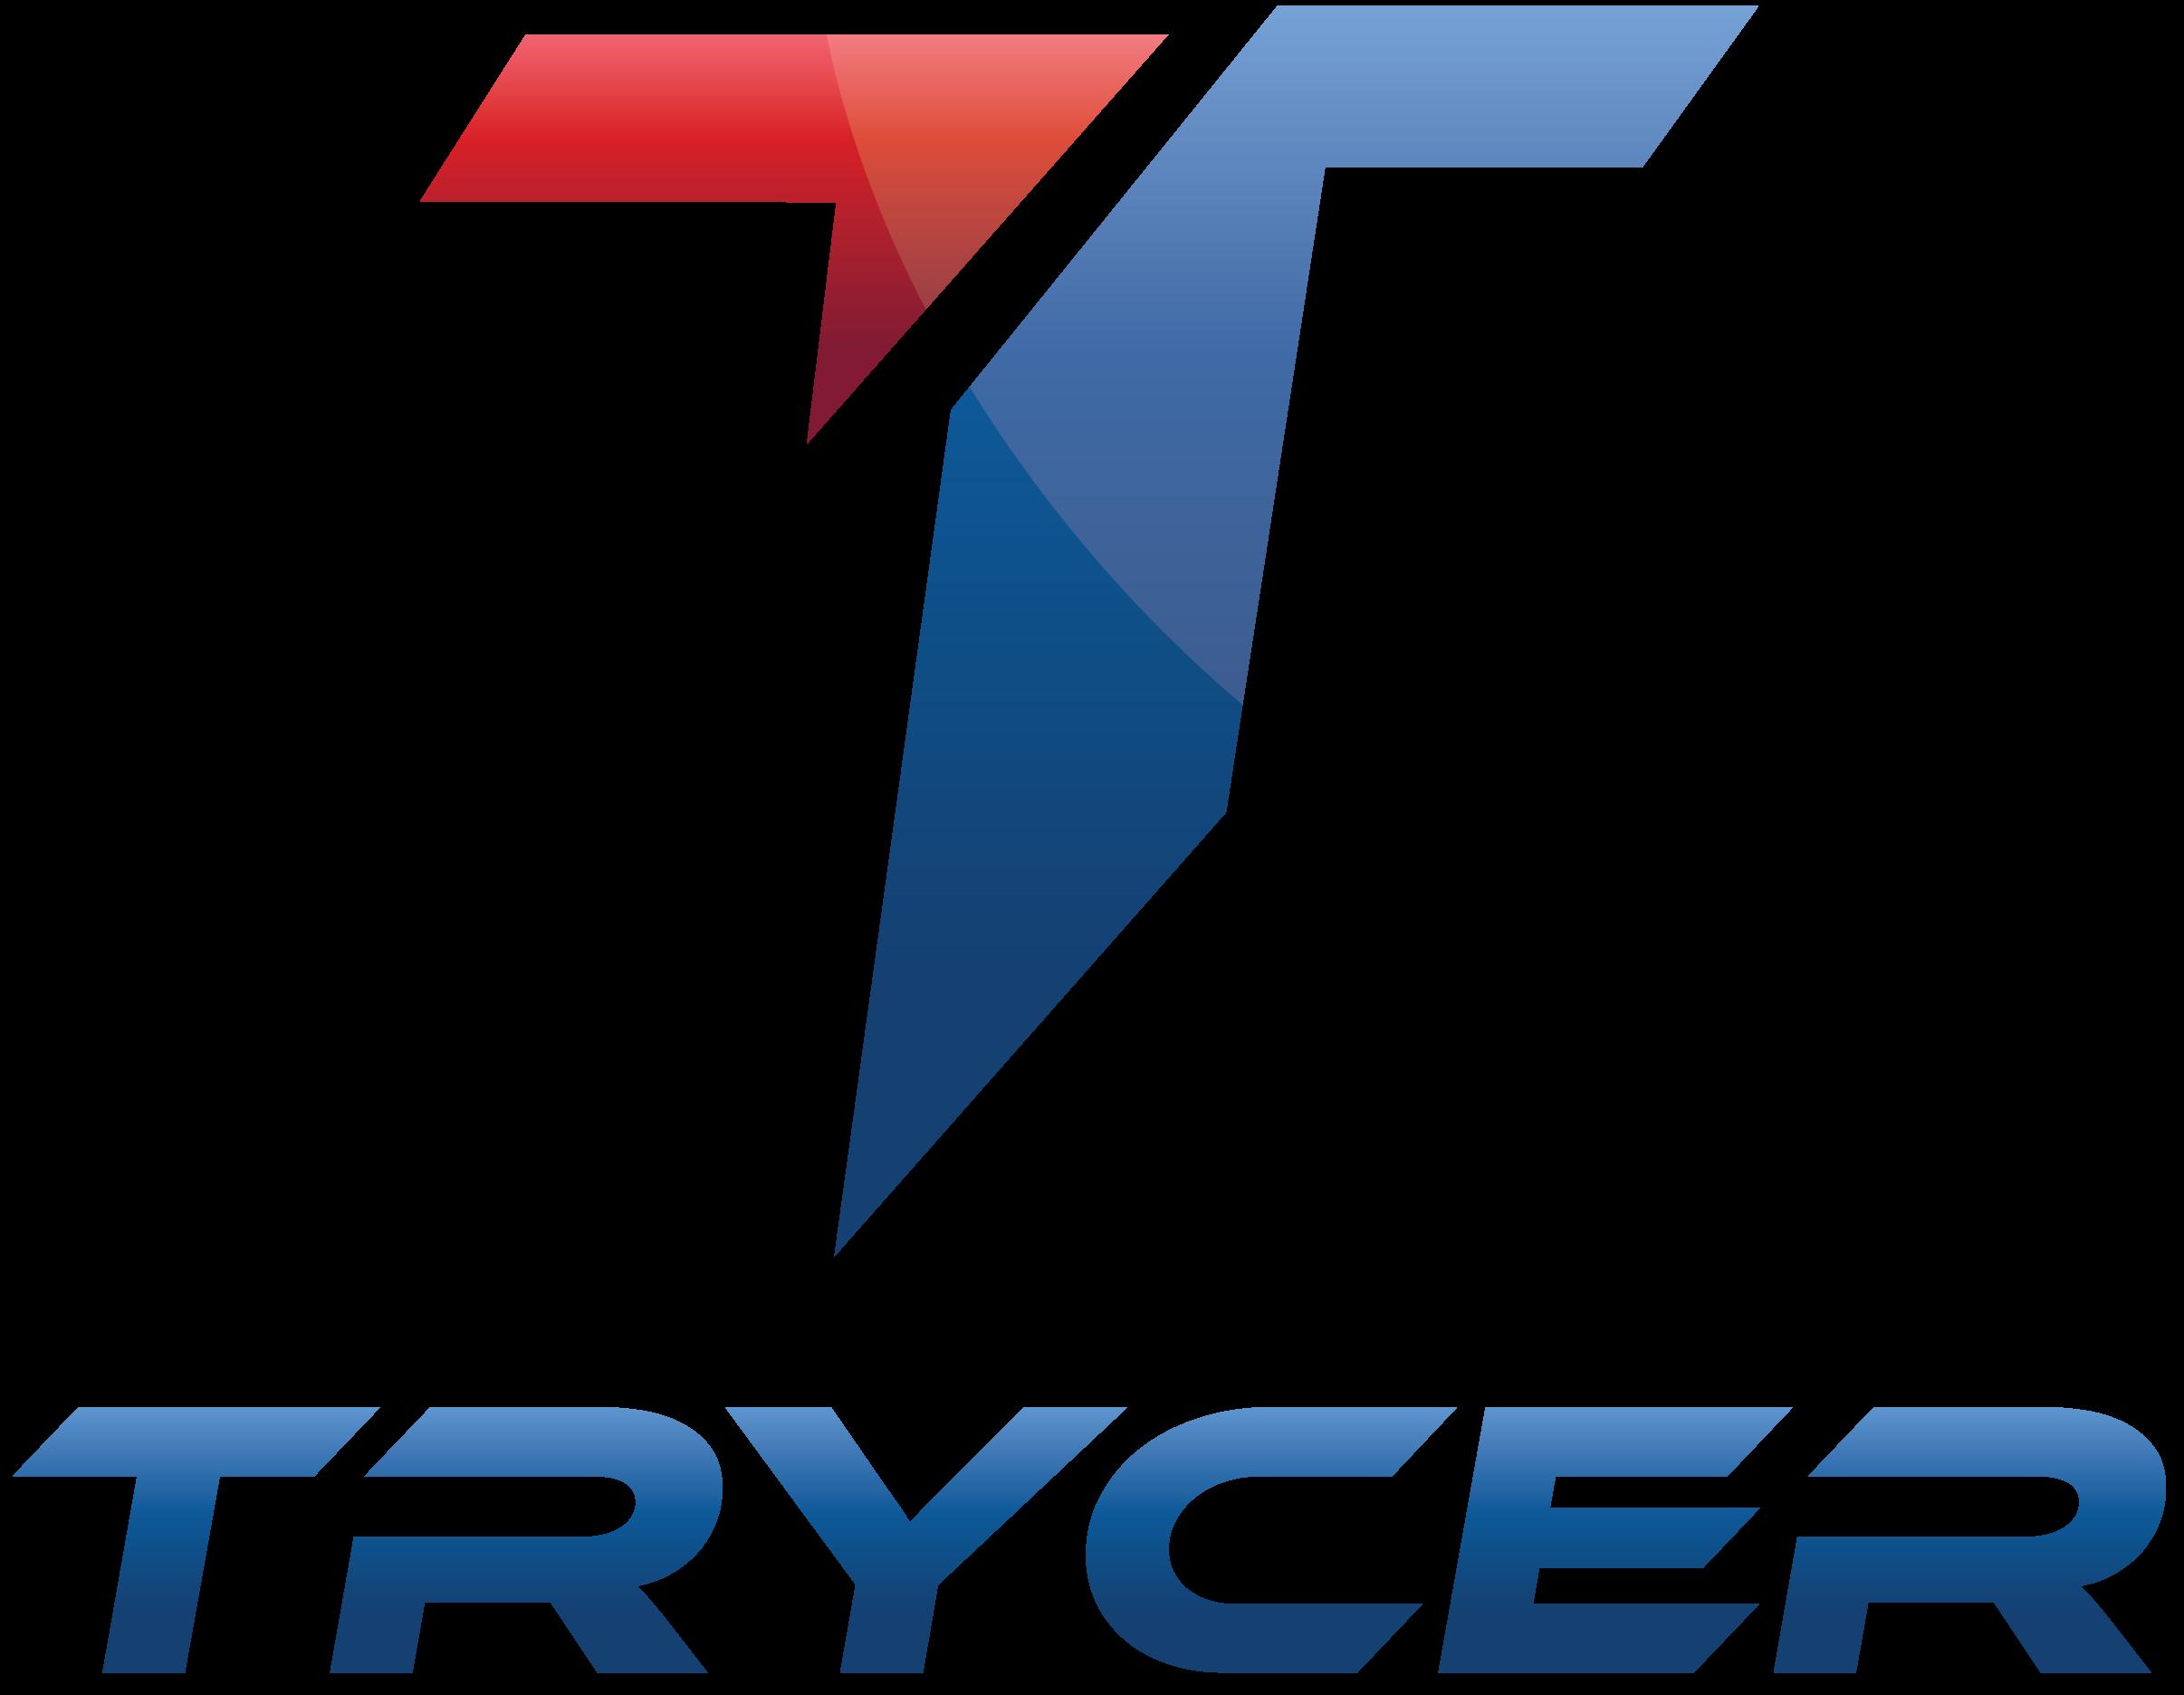 TRYCER